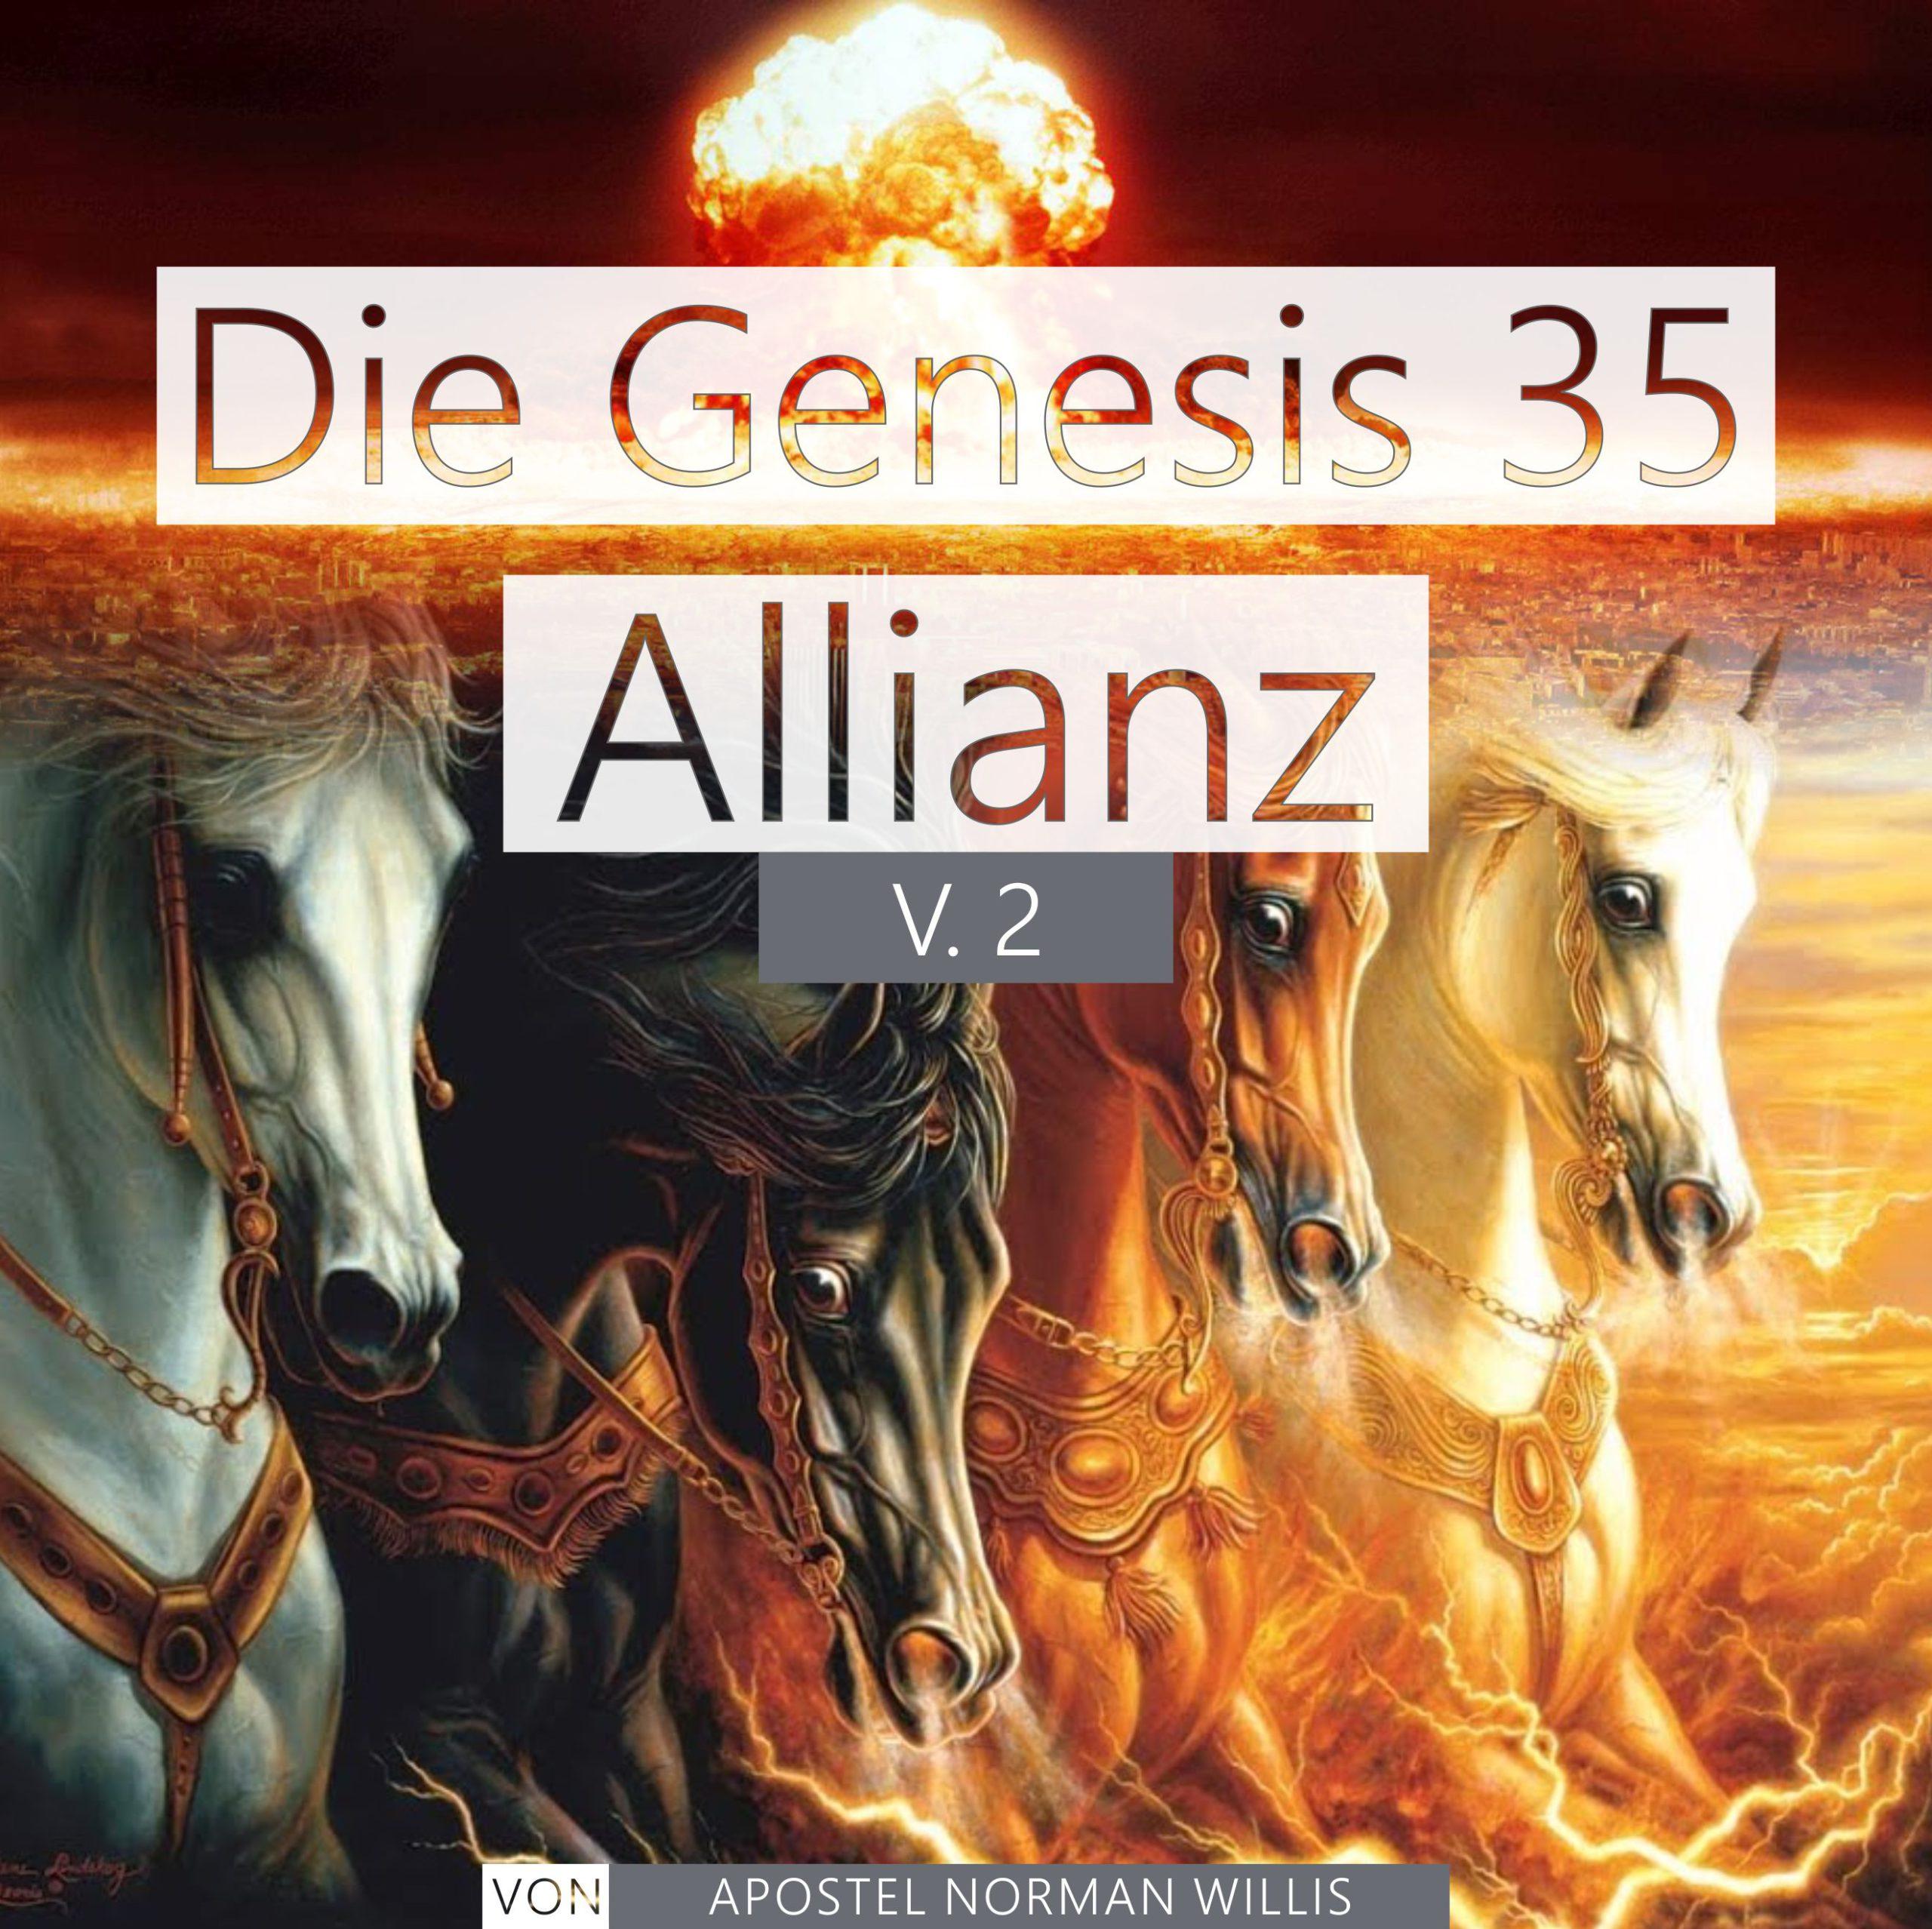 Die Genesis 35 Allianz v2